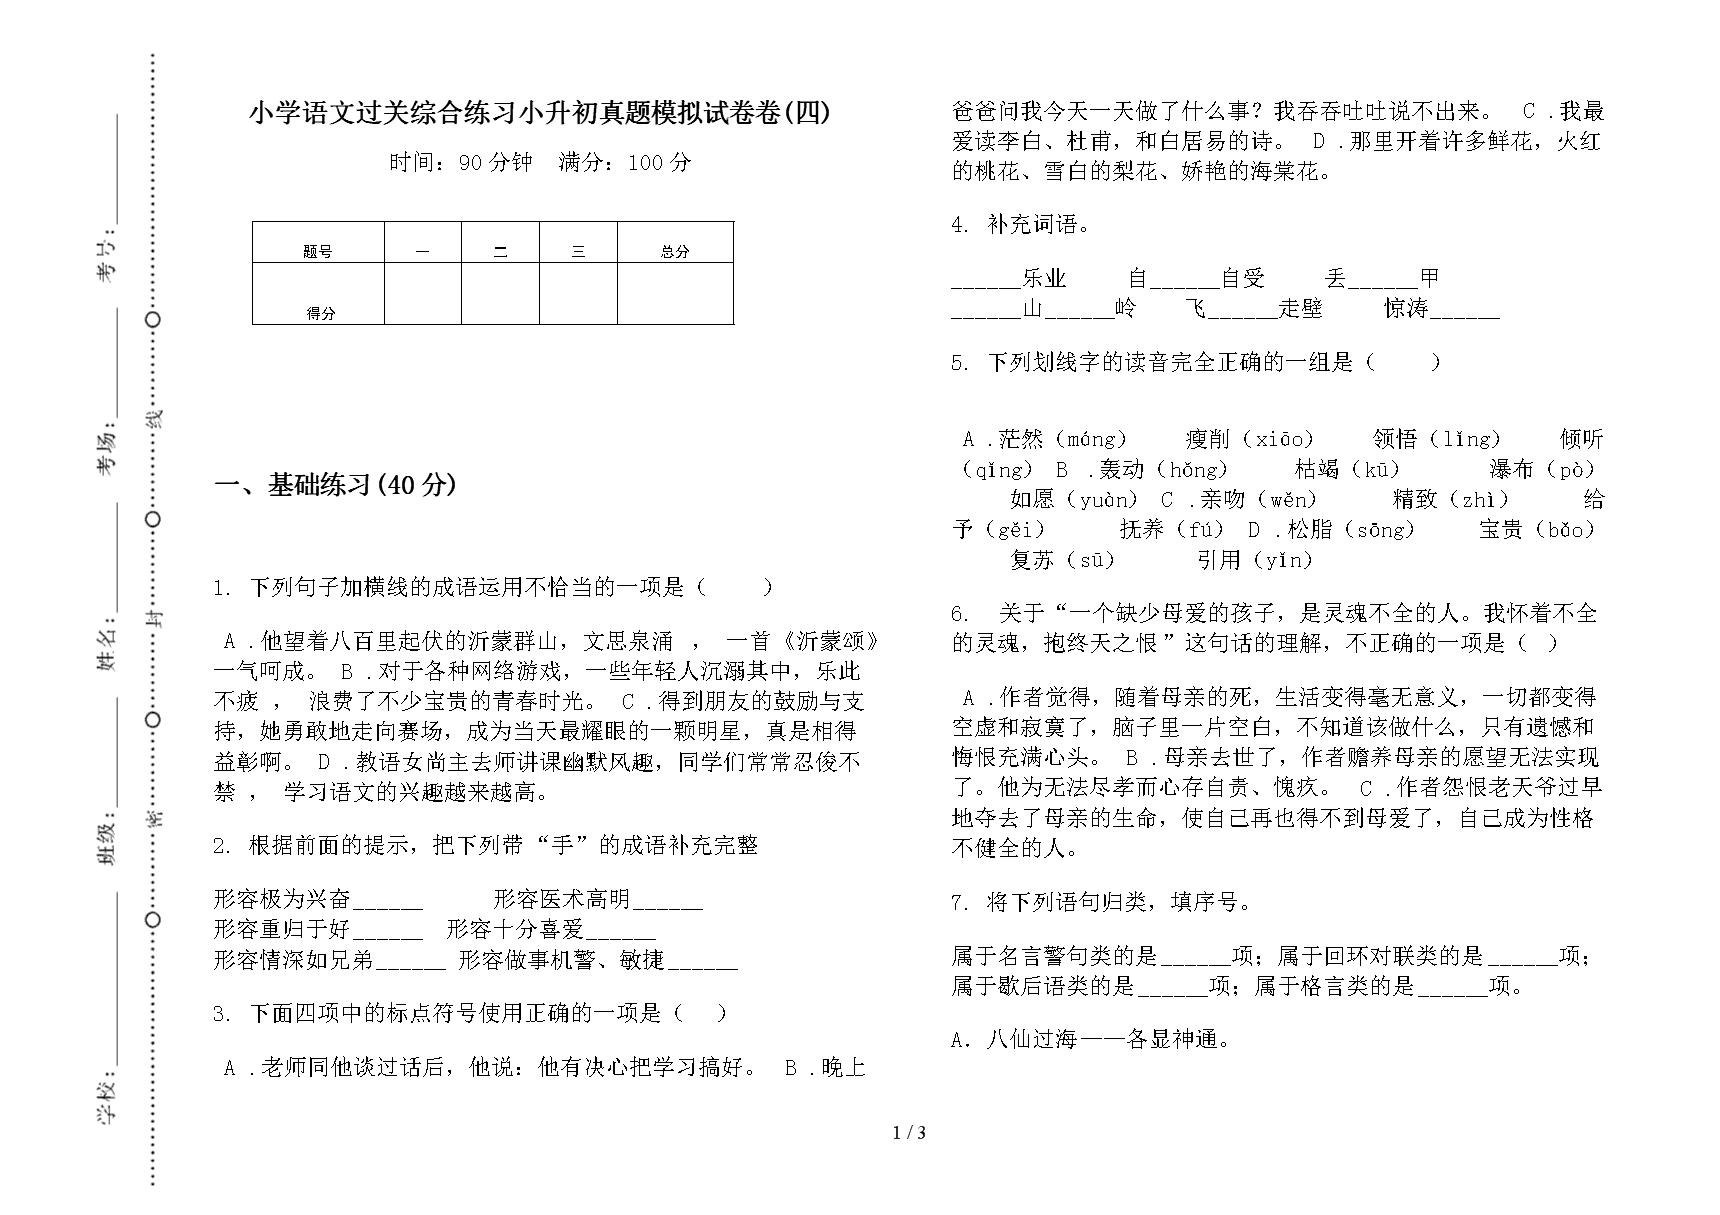 小学语文过关综合练习小升初真题模拟试卷卷(四).docx